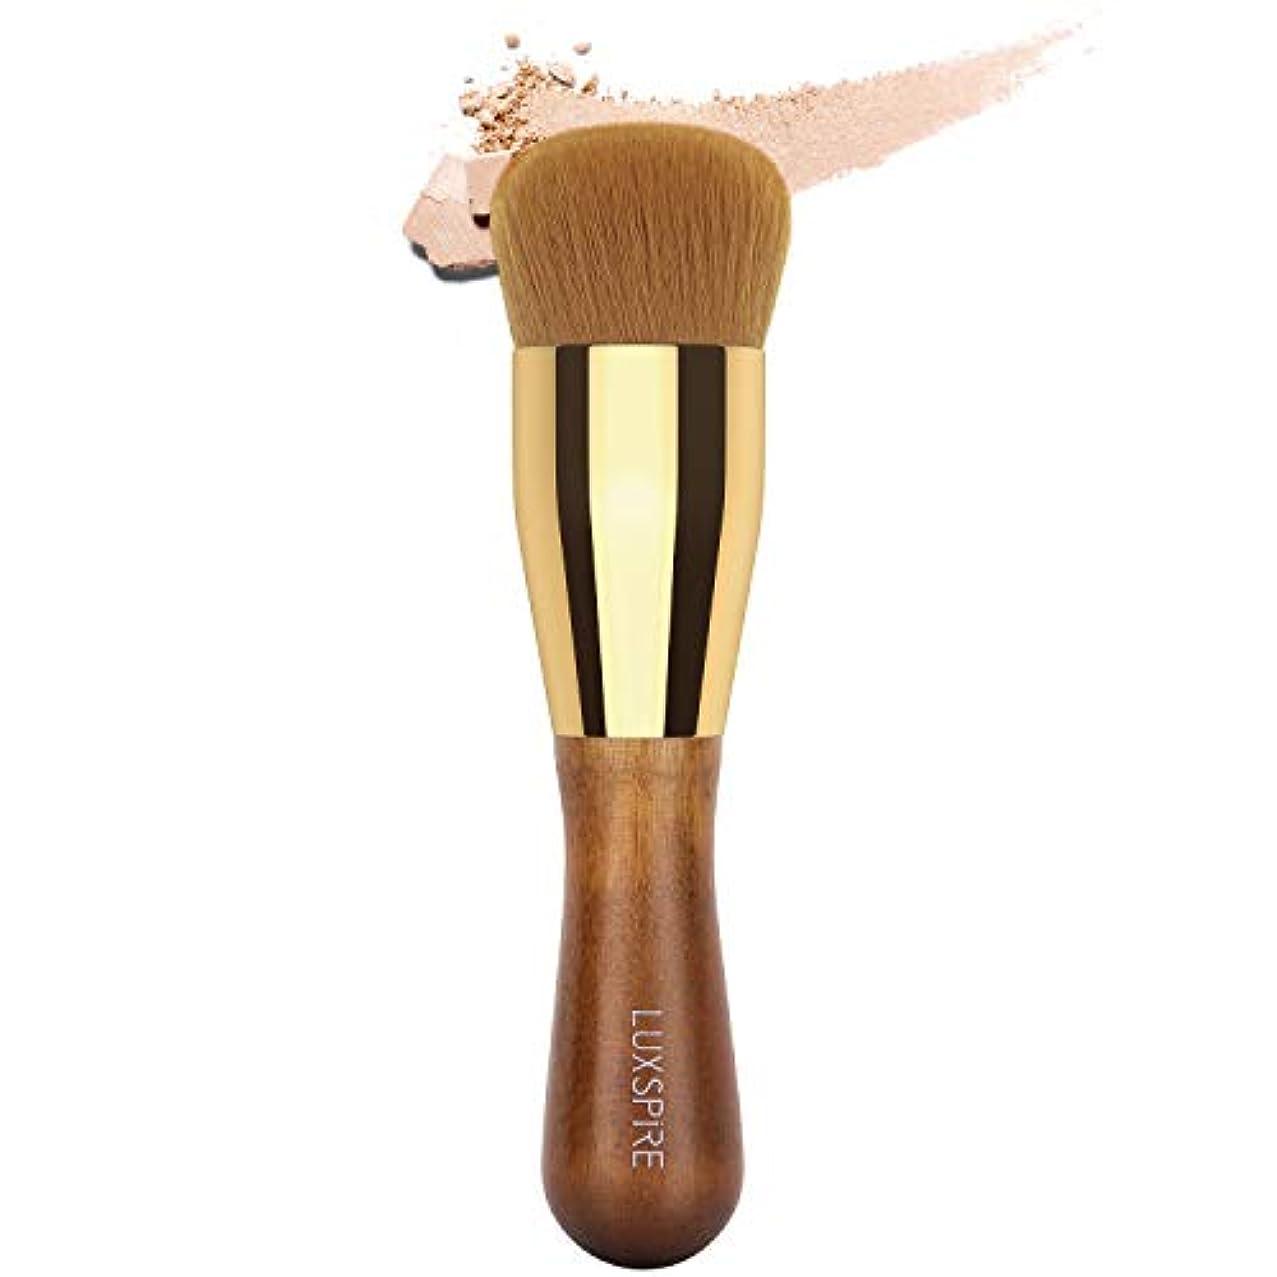 前提してはいけませんコスチュームLuxspire メイクブラシ ファンデーションブラシ 化粧筆 木製ハンドル 繊維毛 旅行出張用 多機能 超柔らかい ふわふわ 肌色